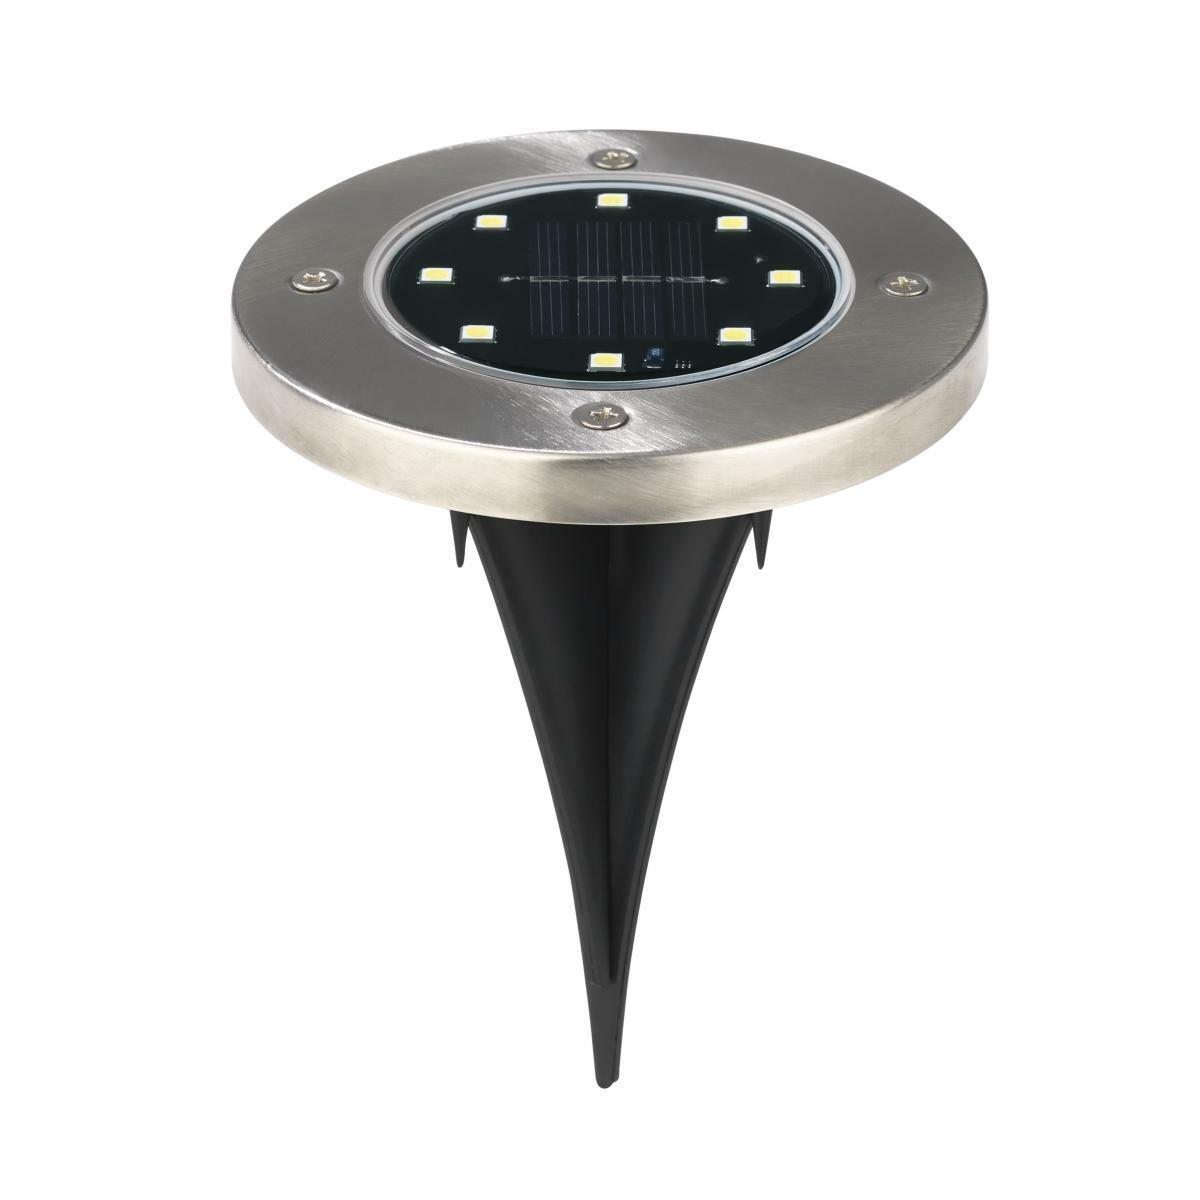 Bild 2 von EASYmaxx Solar-Bodenleuchte 4er-Set 1,2V Edelstahl mit Erdspieß & Wandsticker